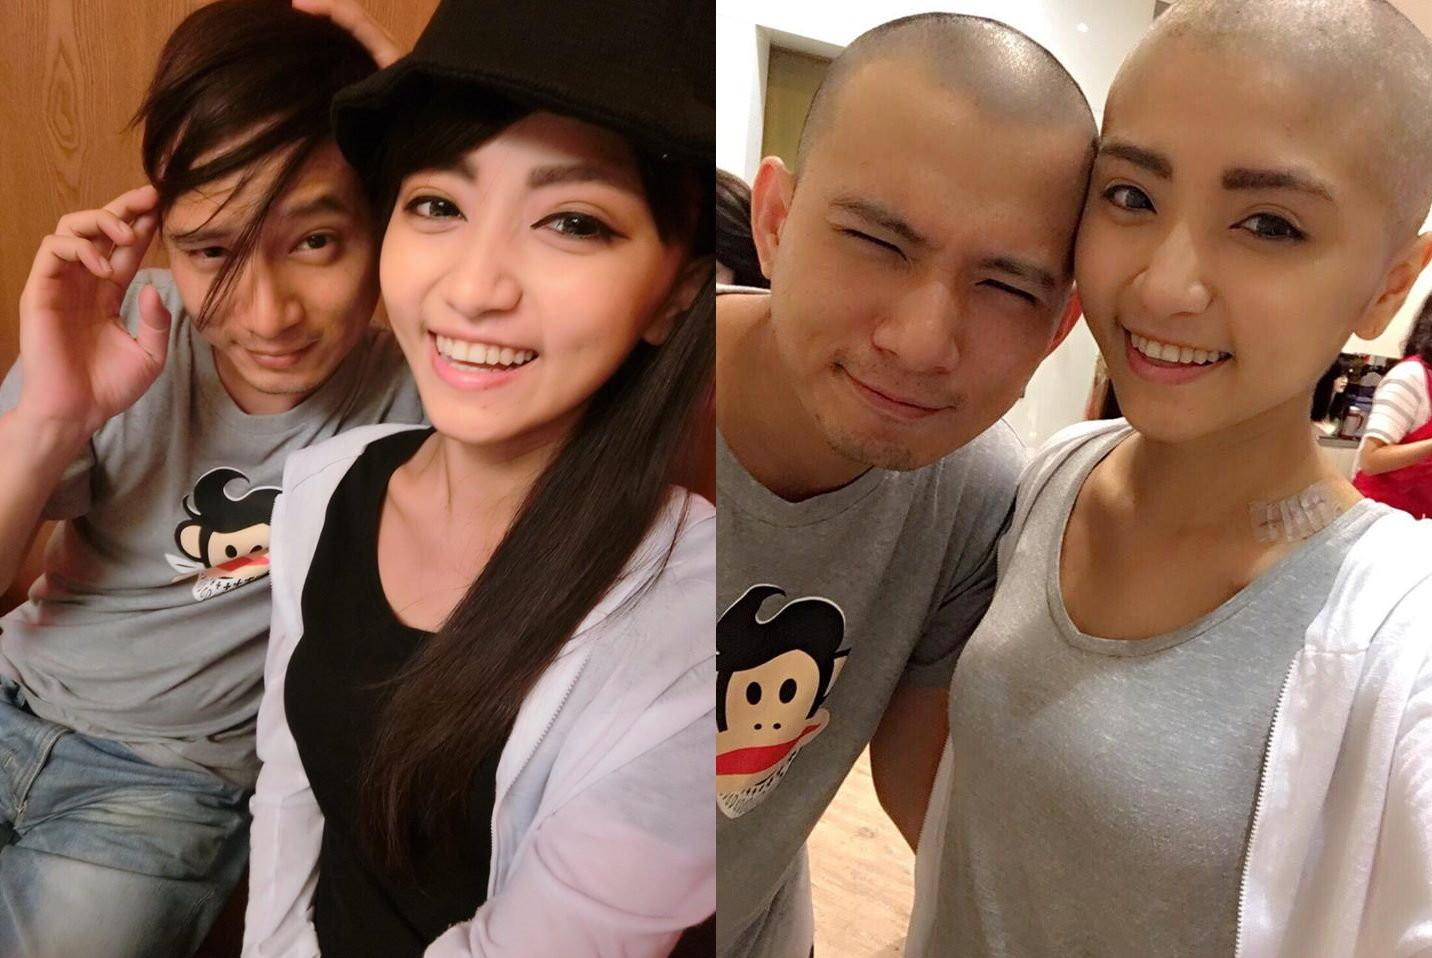 25歲懷孕突發現罹癌,她因化療想剃髮,老公也跟她一起剃。(圖/施柏薇授權使用)